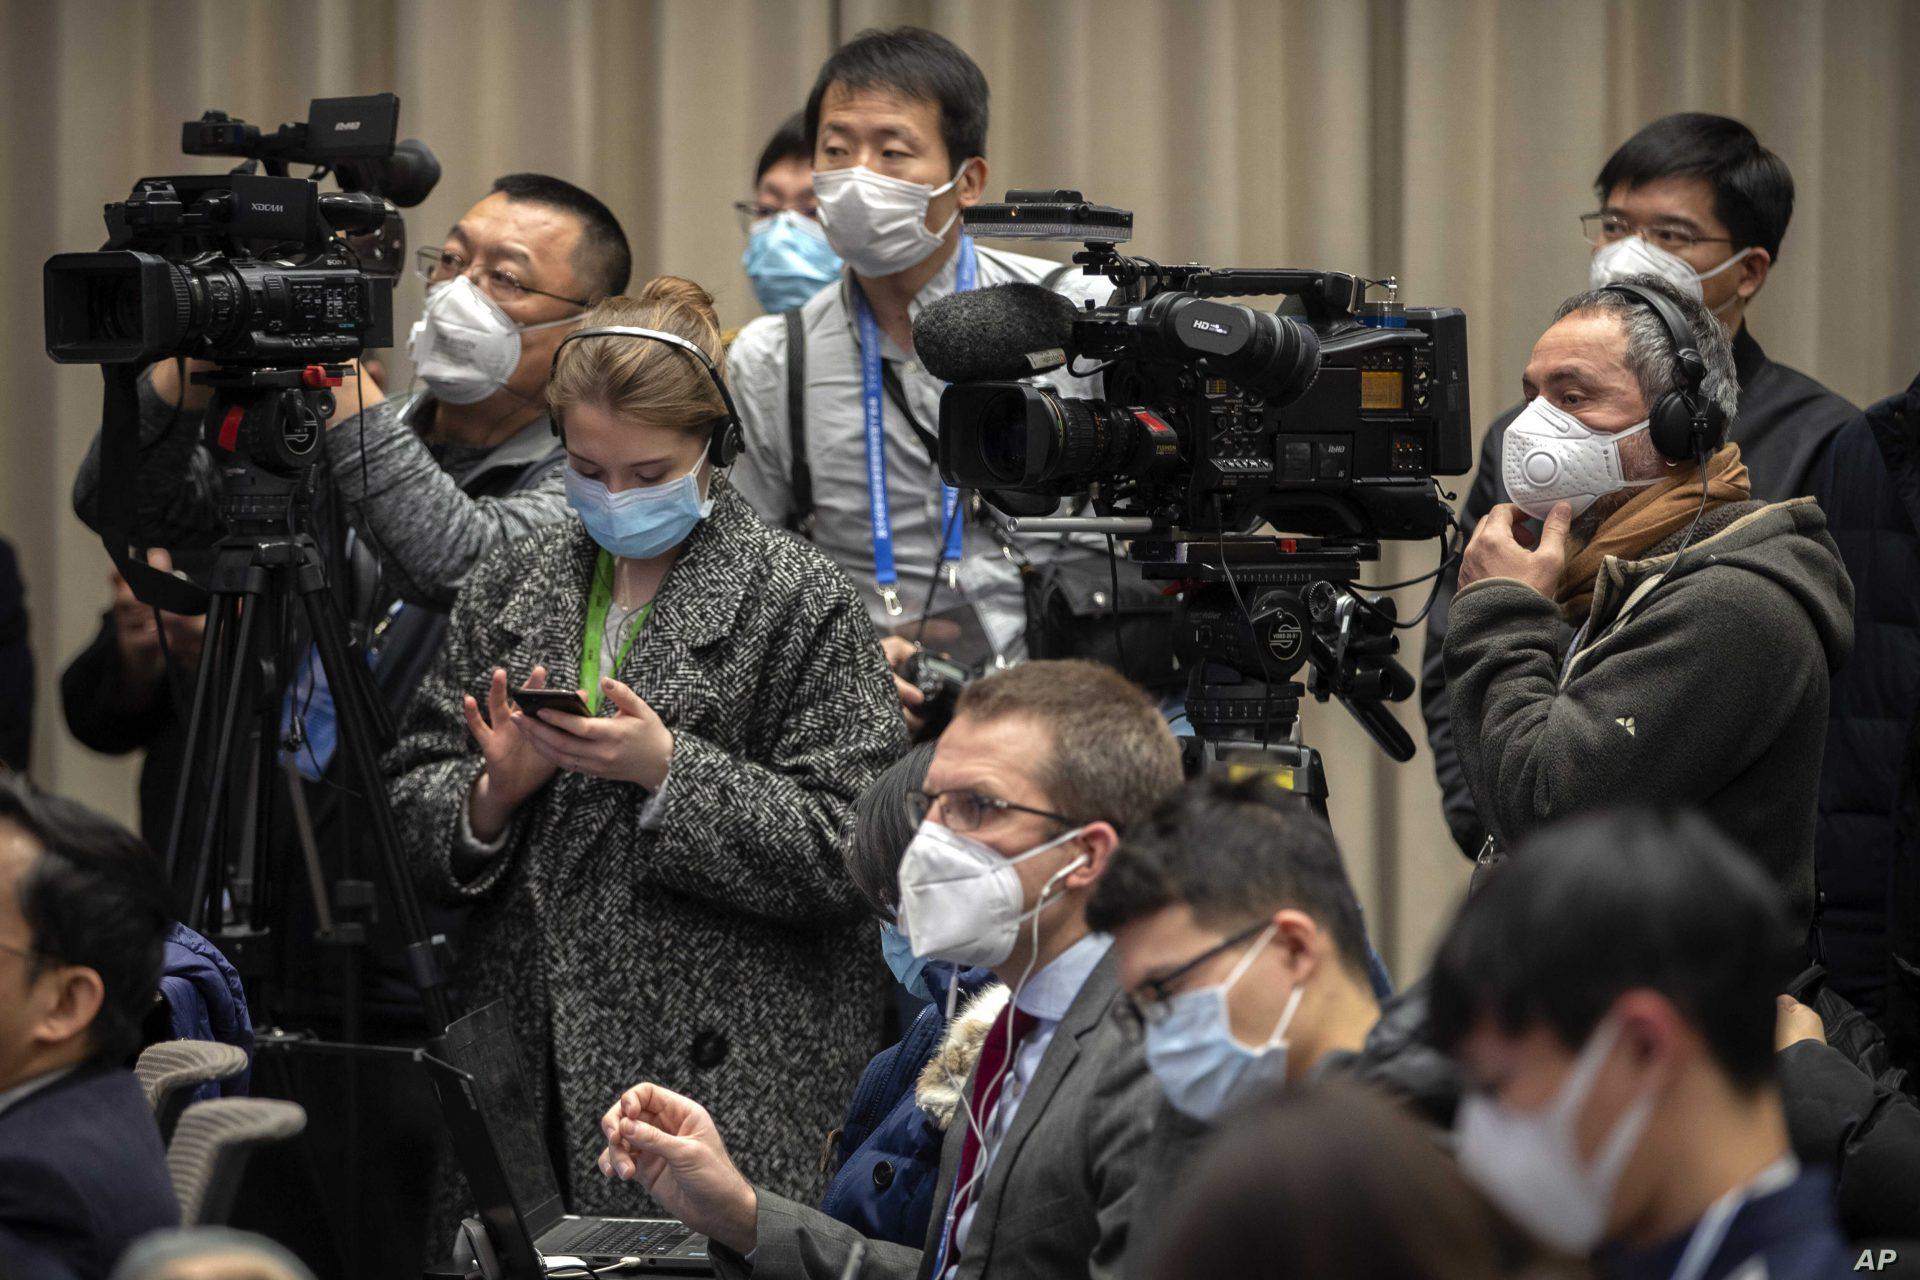 Carantinarea libertății presei. Două treimi din statele lumii au folosit pandemia pentru a restricționa activitatea jurnaliștilor